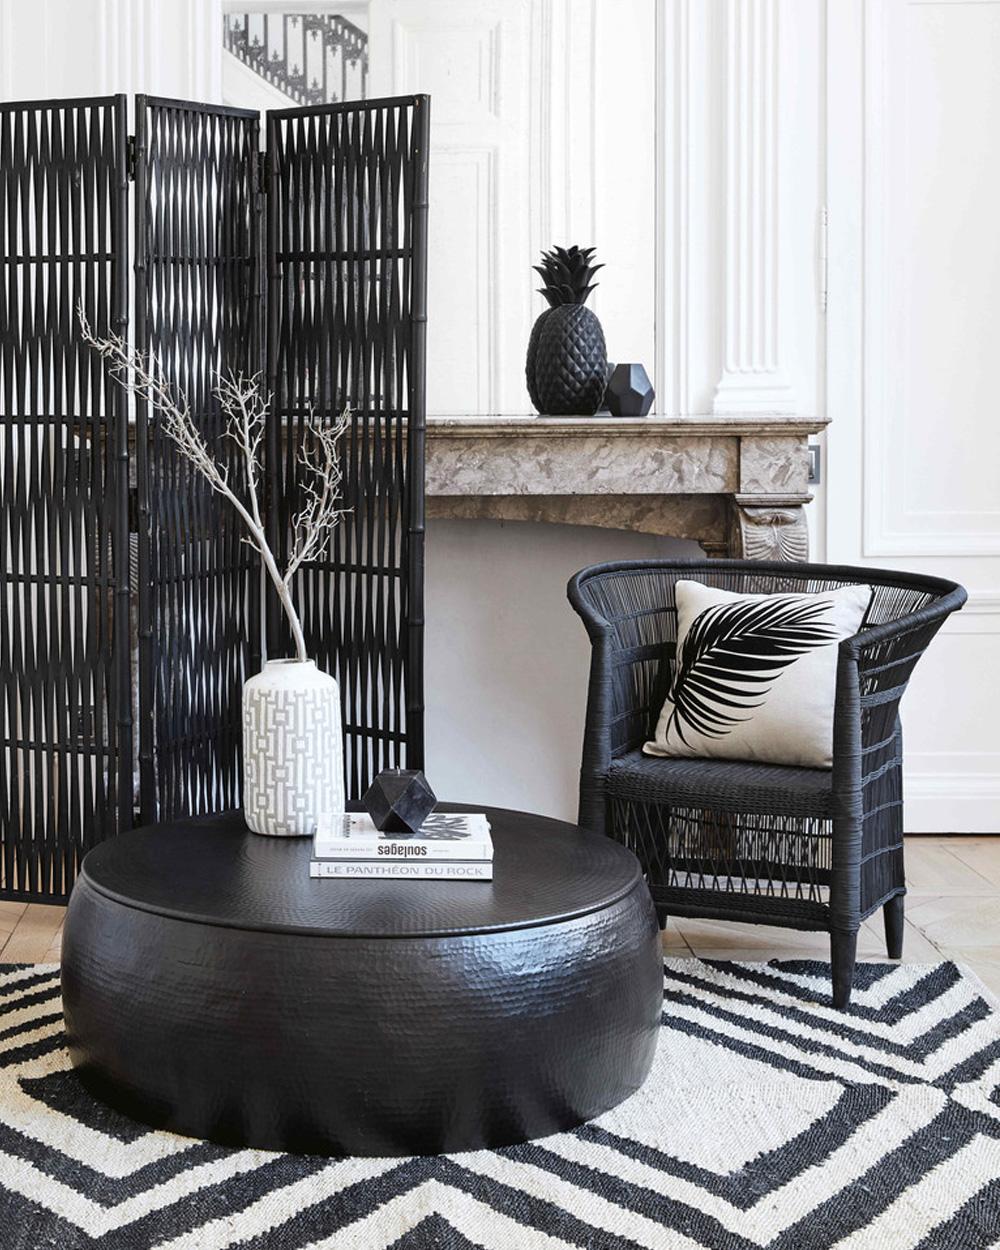 fauteuil noir tressé ethnique